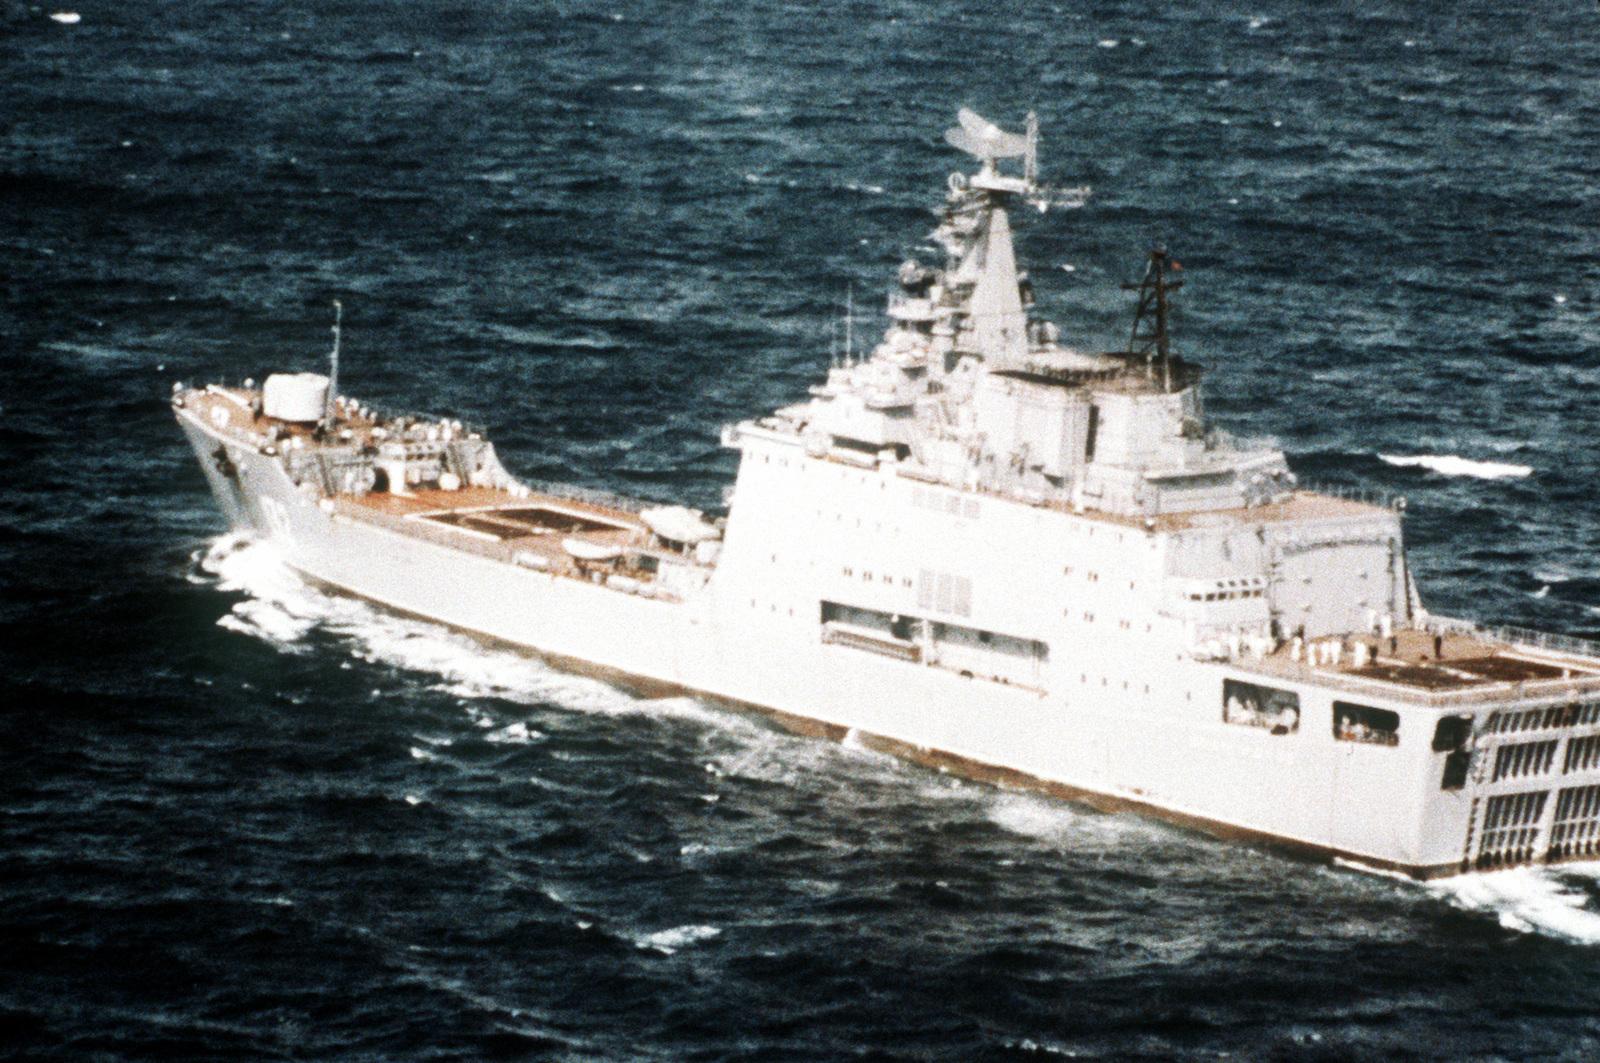 A port quarter view of a Soviet Ivan Rogov class amphibious assault transport dock underway